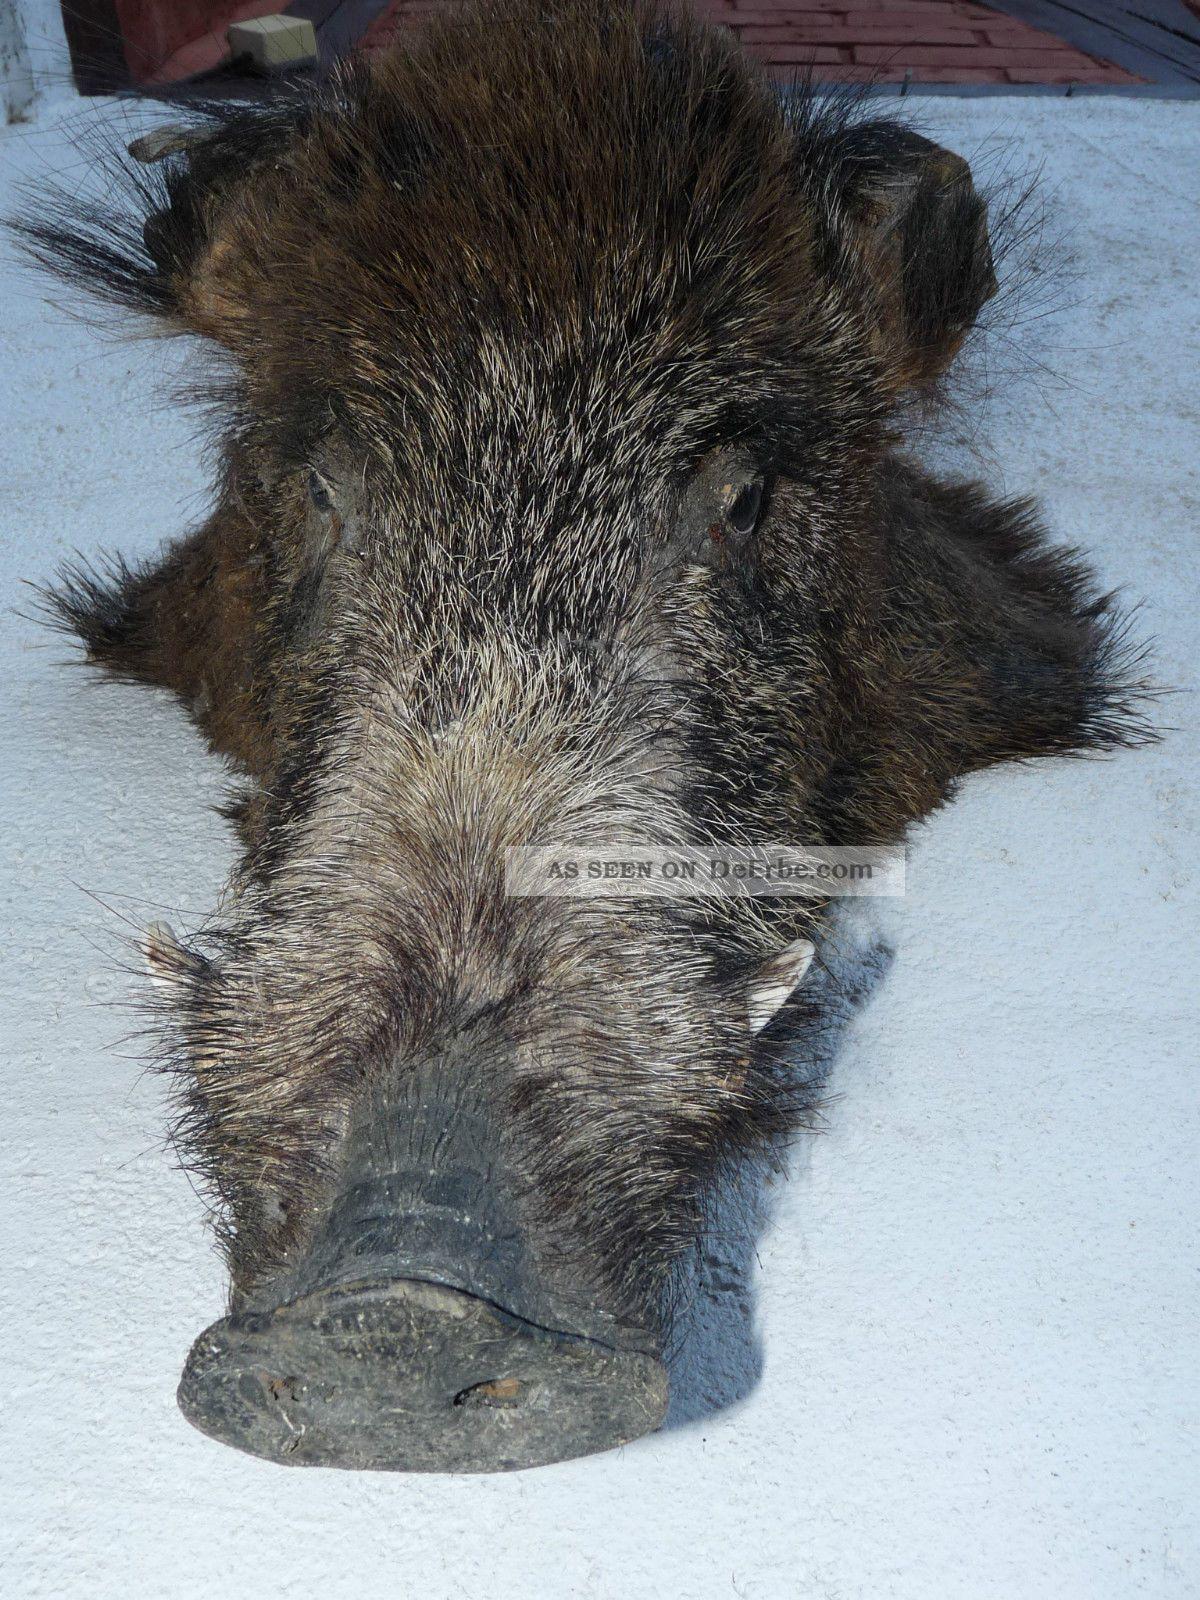 Keilerkopf Eber Trophäe Wildschwein Präparat Sauschwarte Hirsch Jagd Präpariert Jagd & Fischen Bild